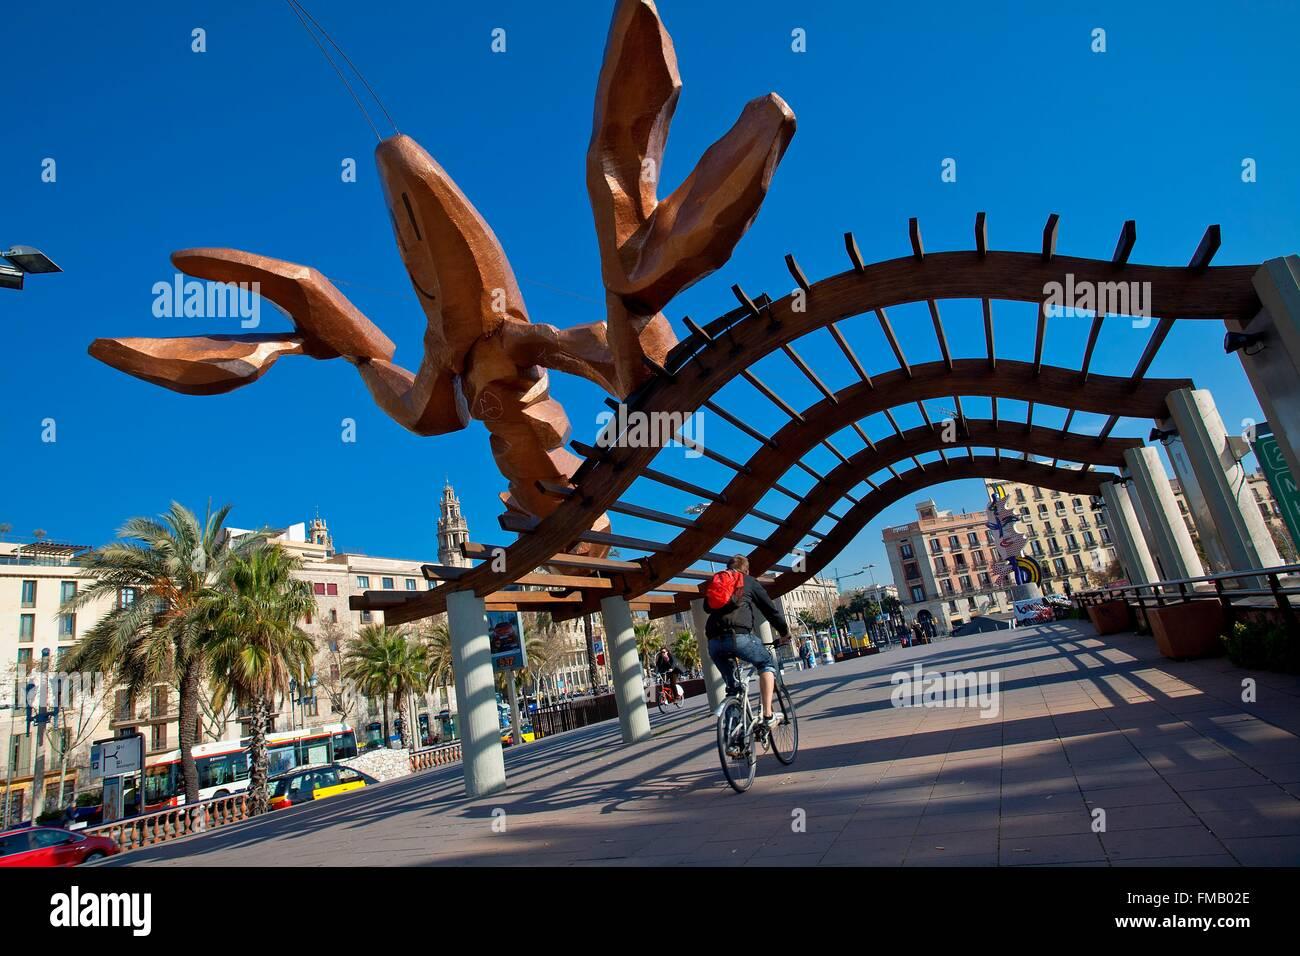 Spain, Catalonia, Barcelona, Mariscal's La Gamba, Port Vell - Stock Image